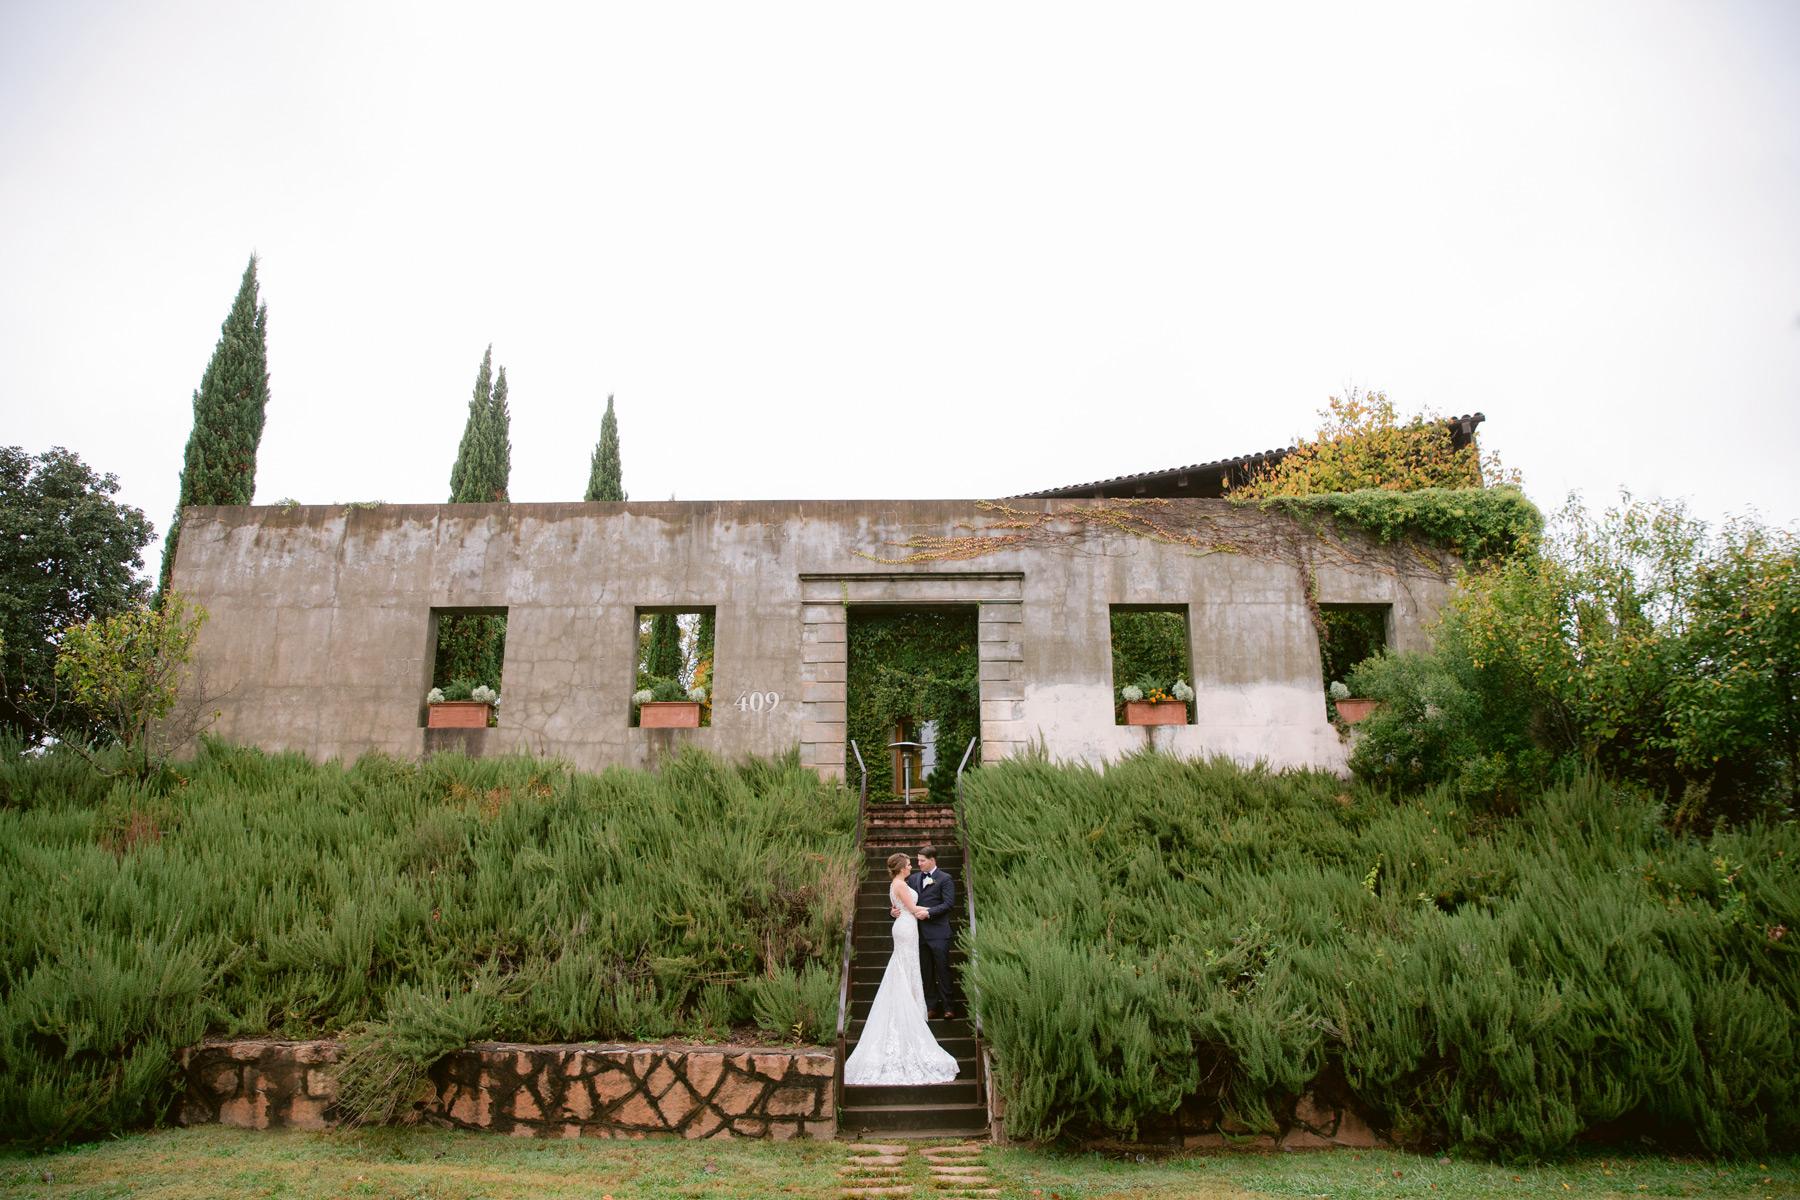 Summerour-Wedding-1026-0126